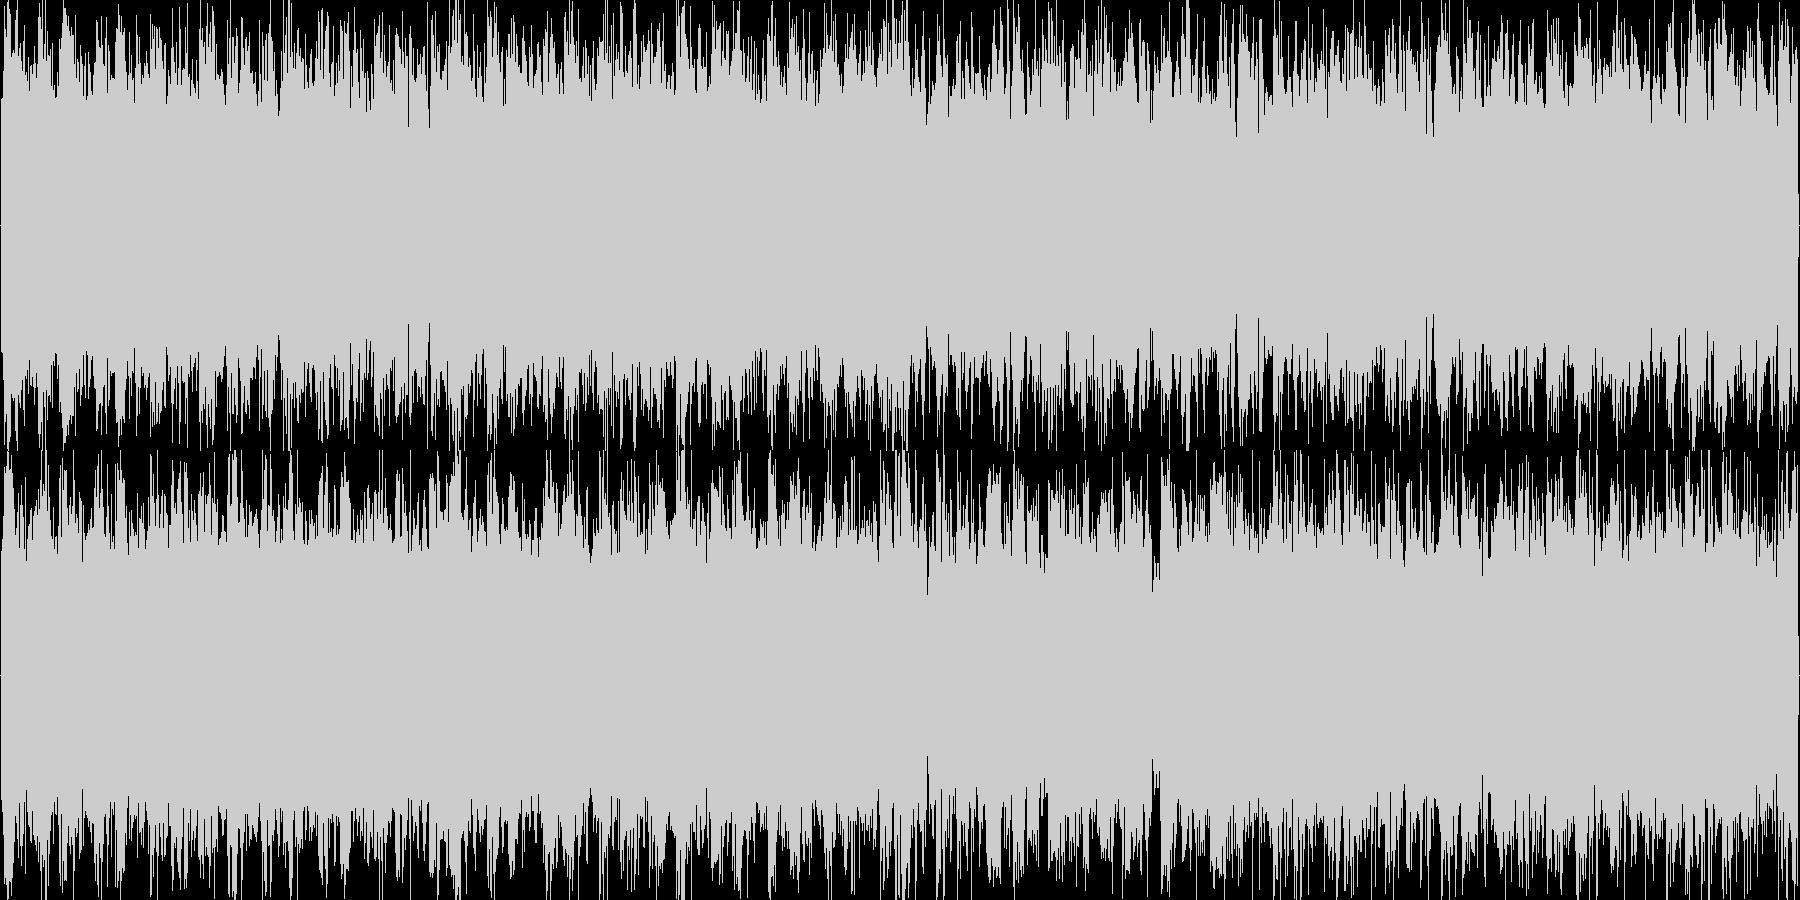 戦闘系 ギター+ドラムンベースな曲の未再生の波形